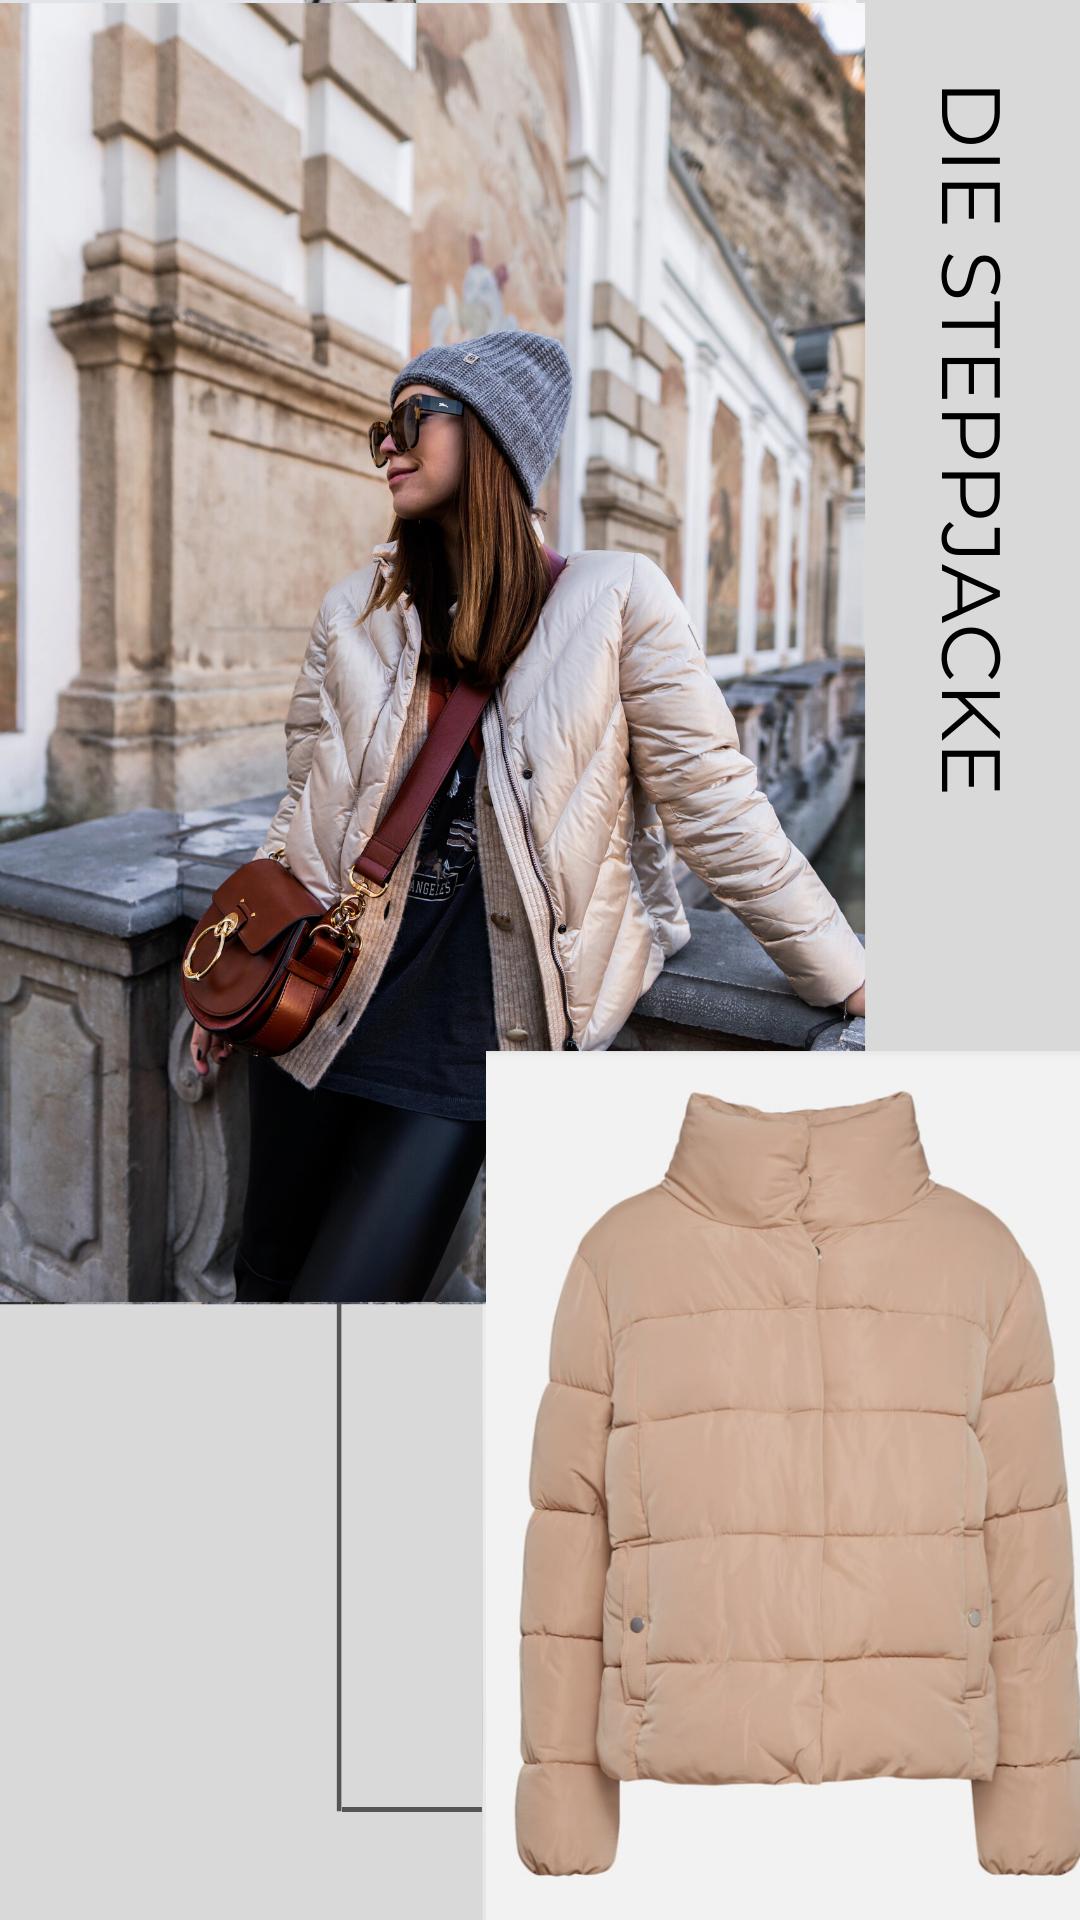 Mantel und Jacken Trends Frühling 2020, die Steppjacke